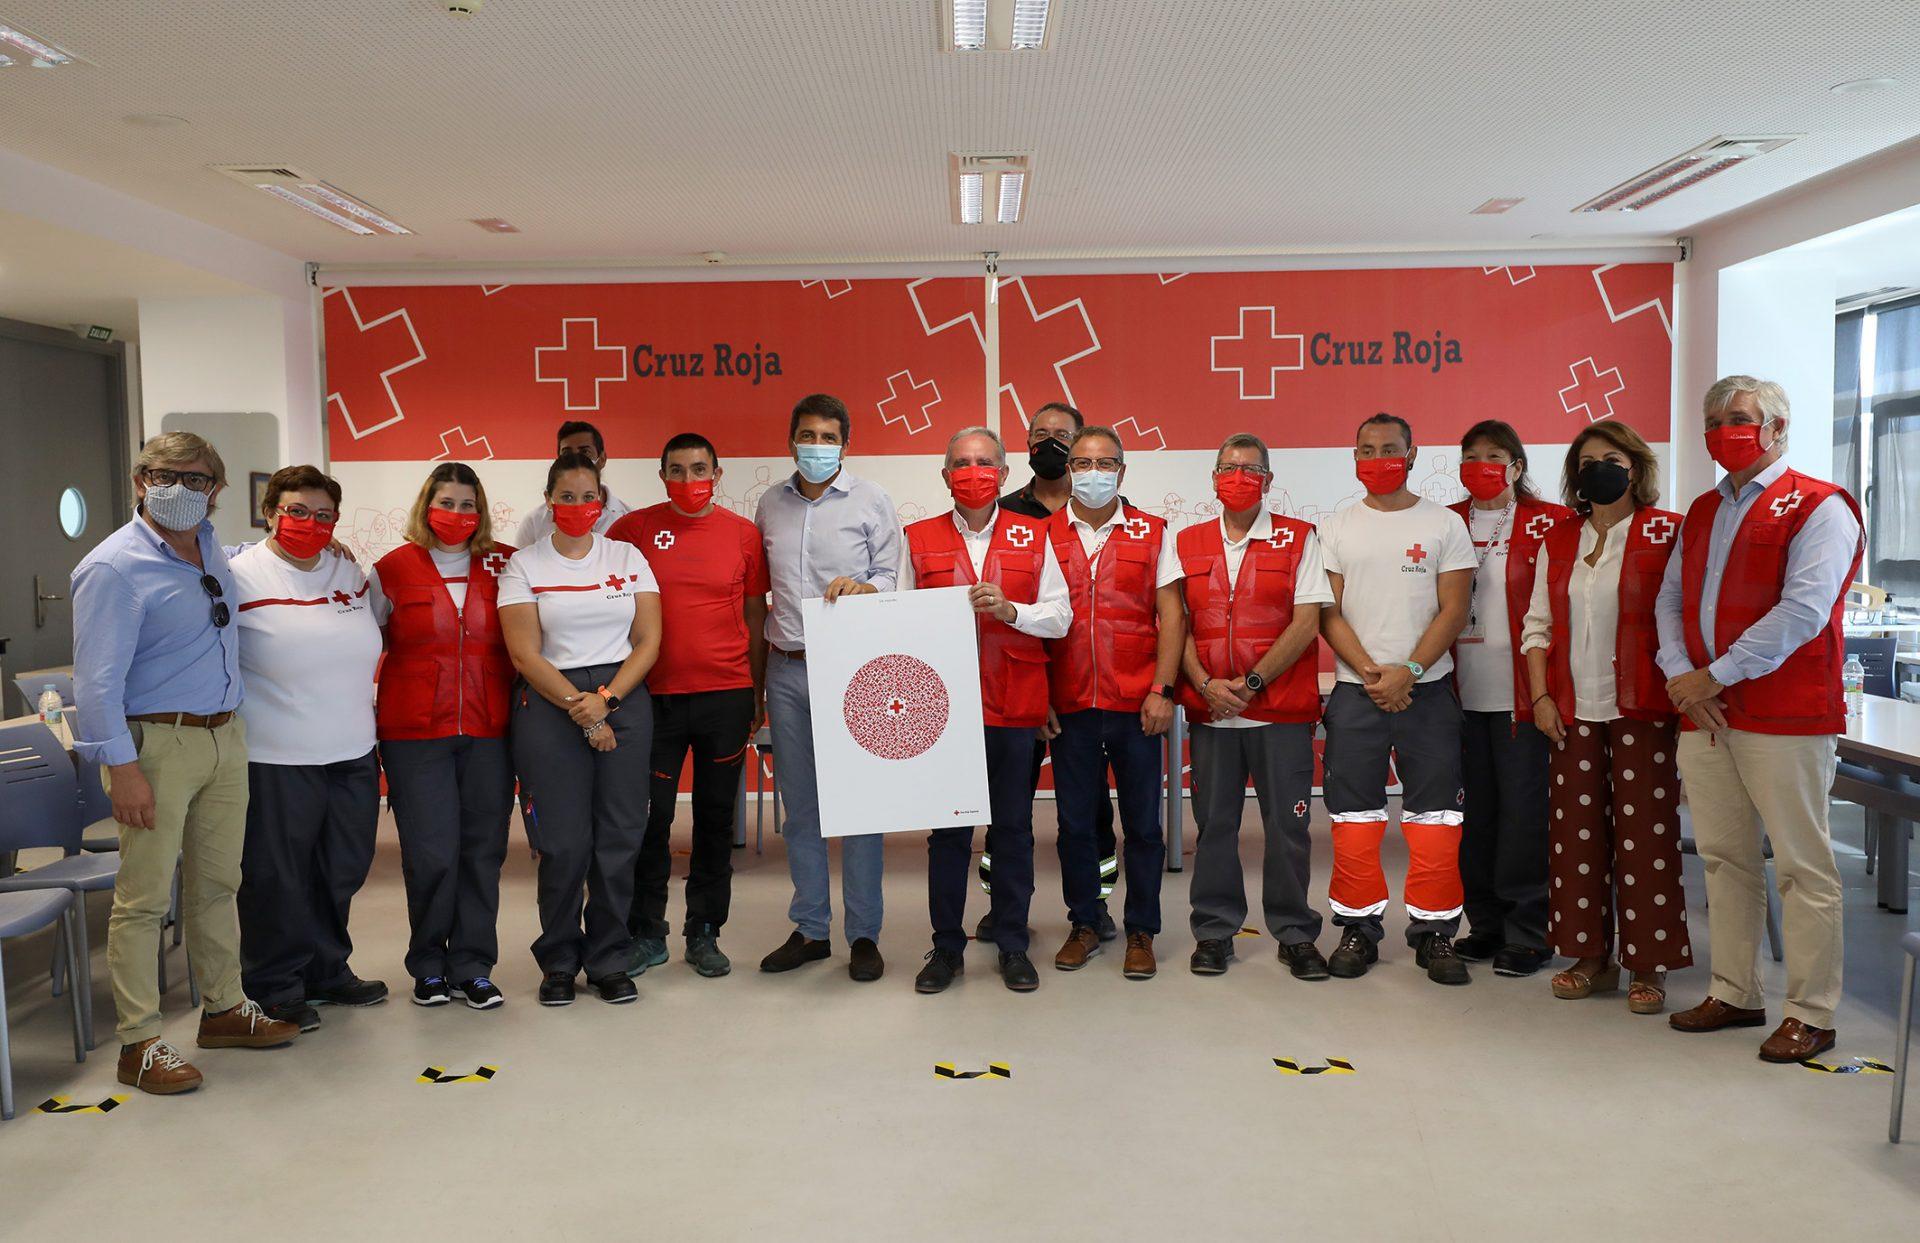 La Diputación multiplica por diez su inversión en Cruz Roja por la labor que desarrolla en la provincia